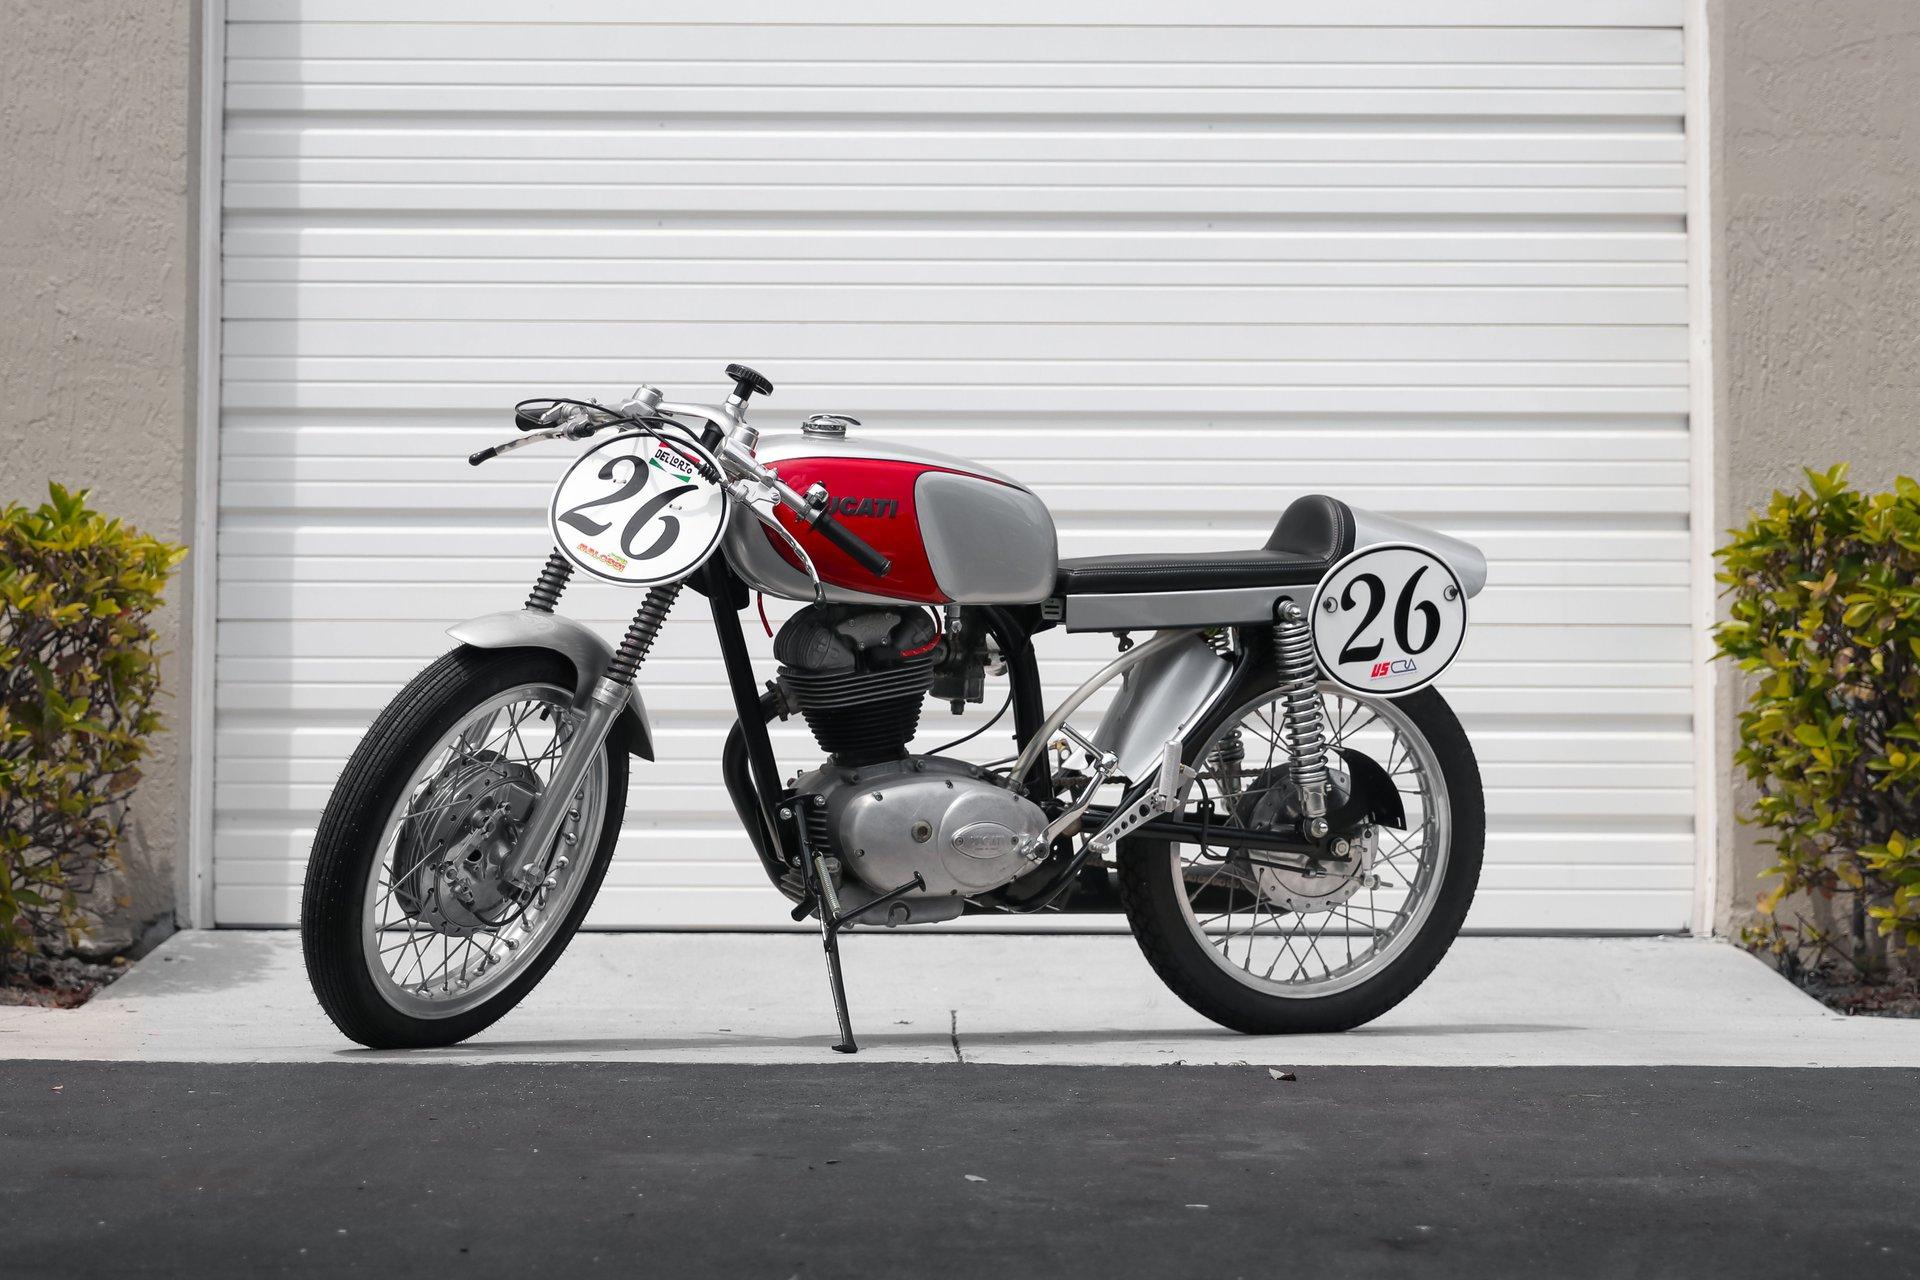 1965 ducati 250